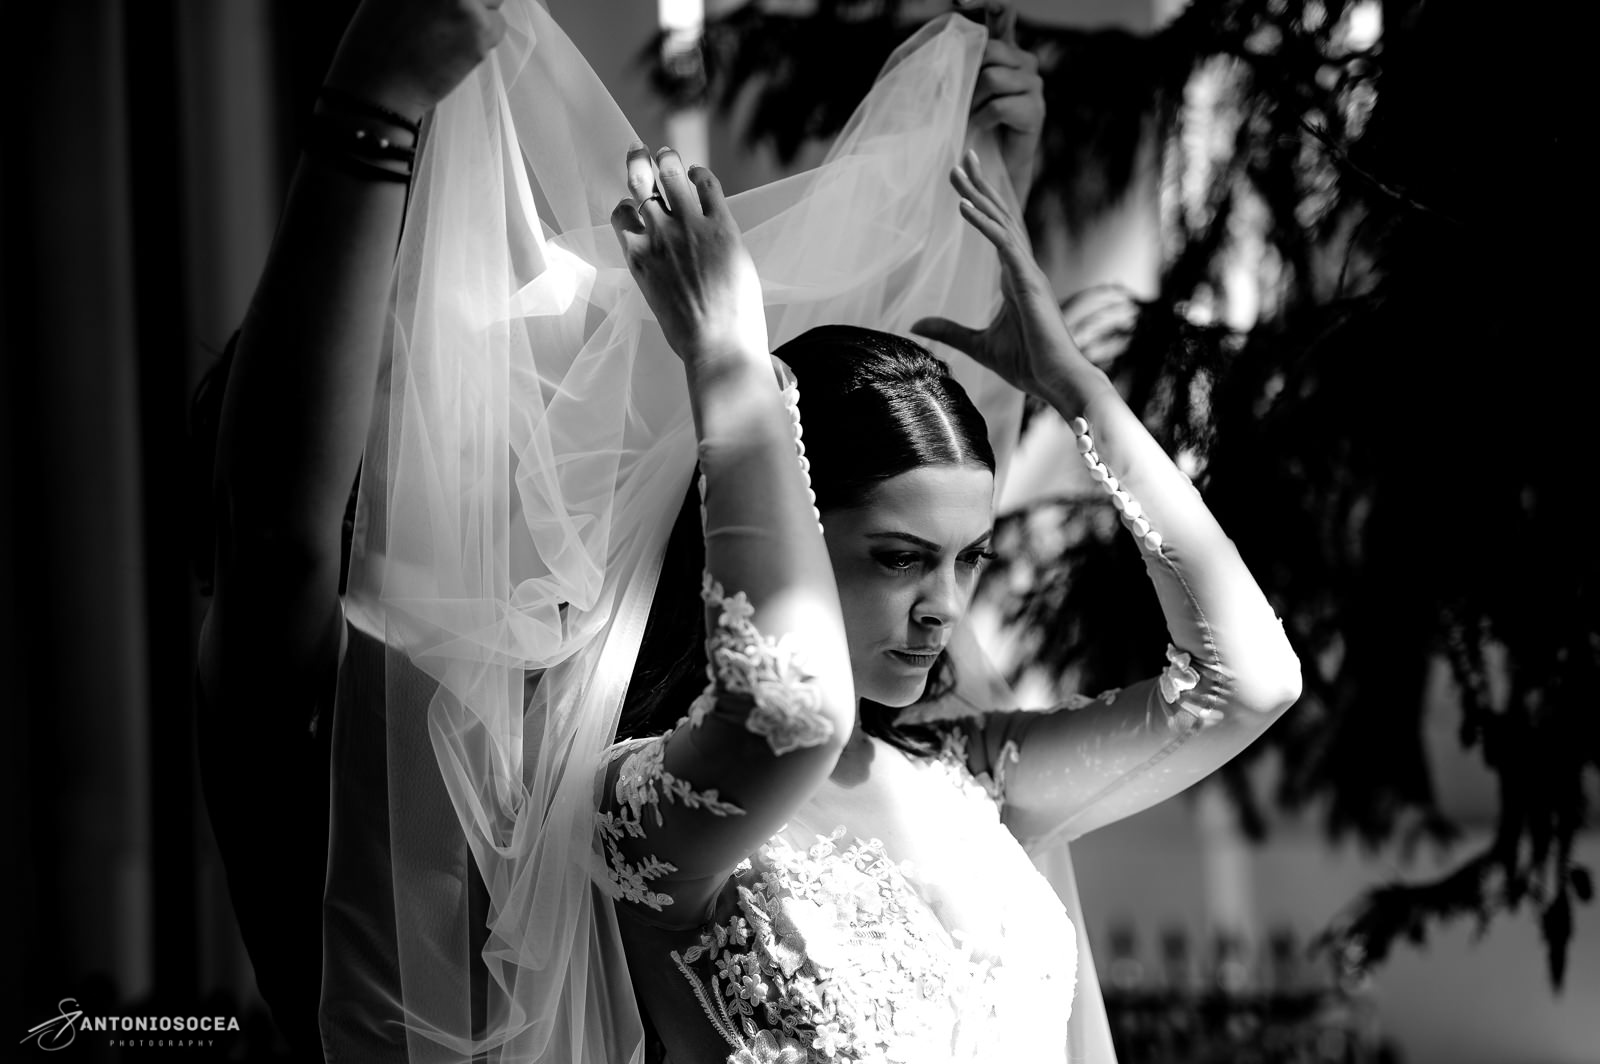 Fotograf nunta Professionist Pitesti - Antonio Socea